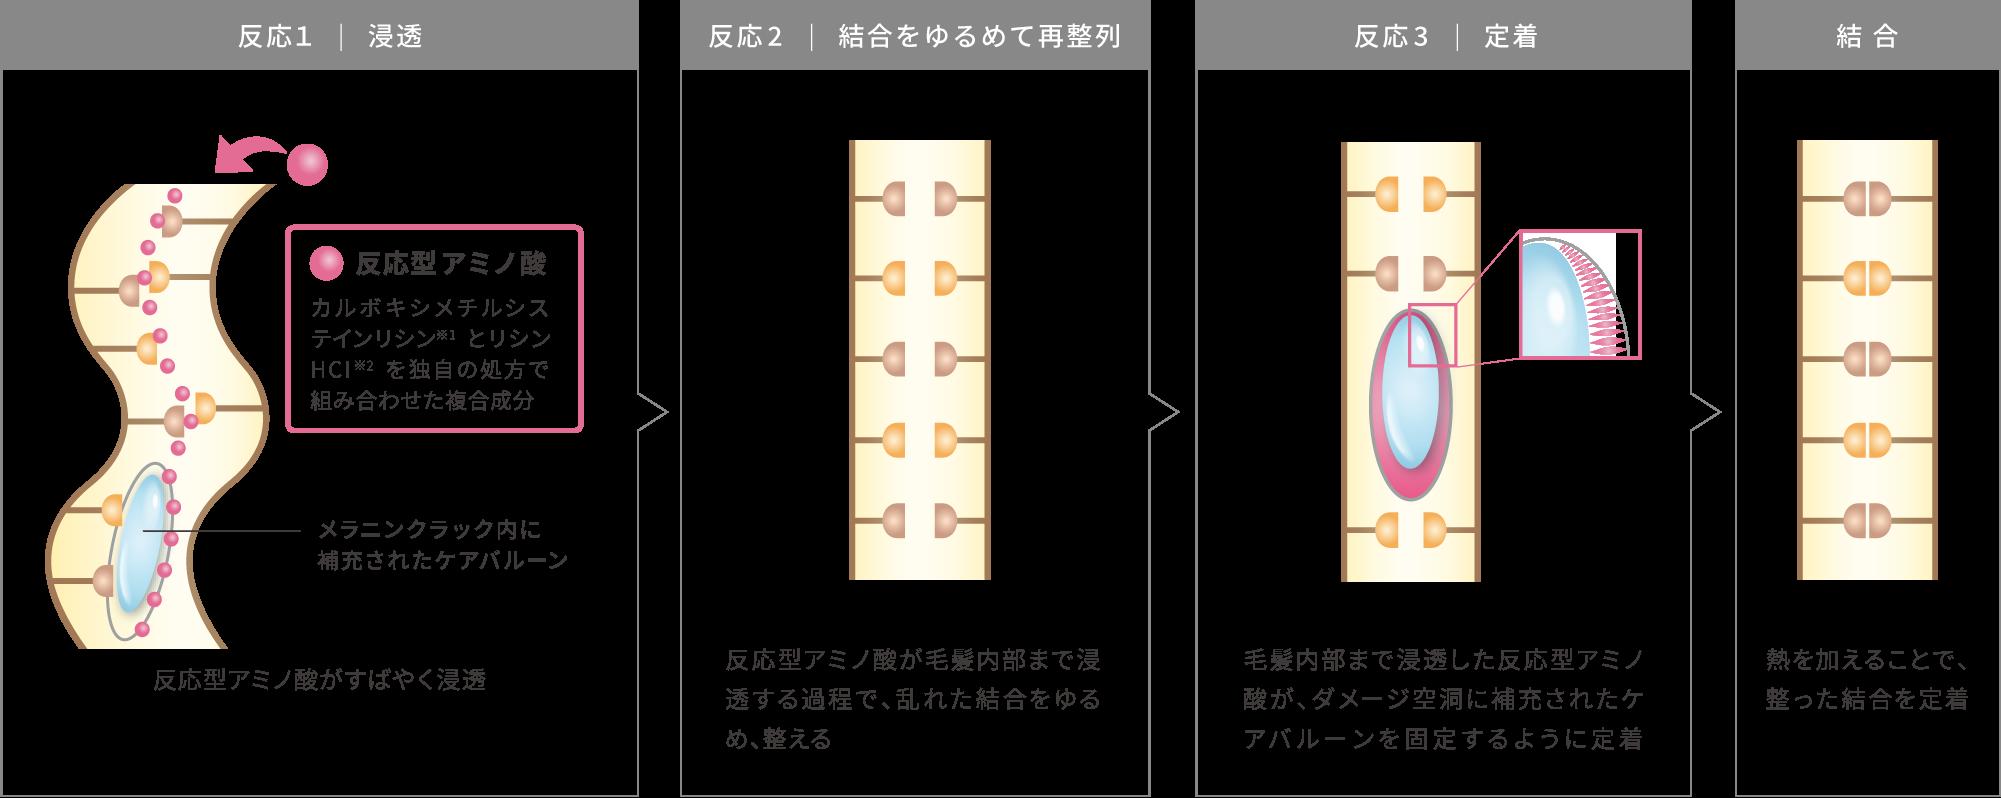 ①浸透 ②結合をゆるめて再整列 ③定着の3つを段階的に反応させることで、乱れた結合を整えるイメージ画像